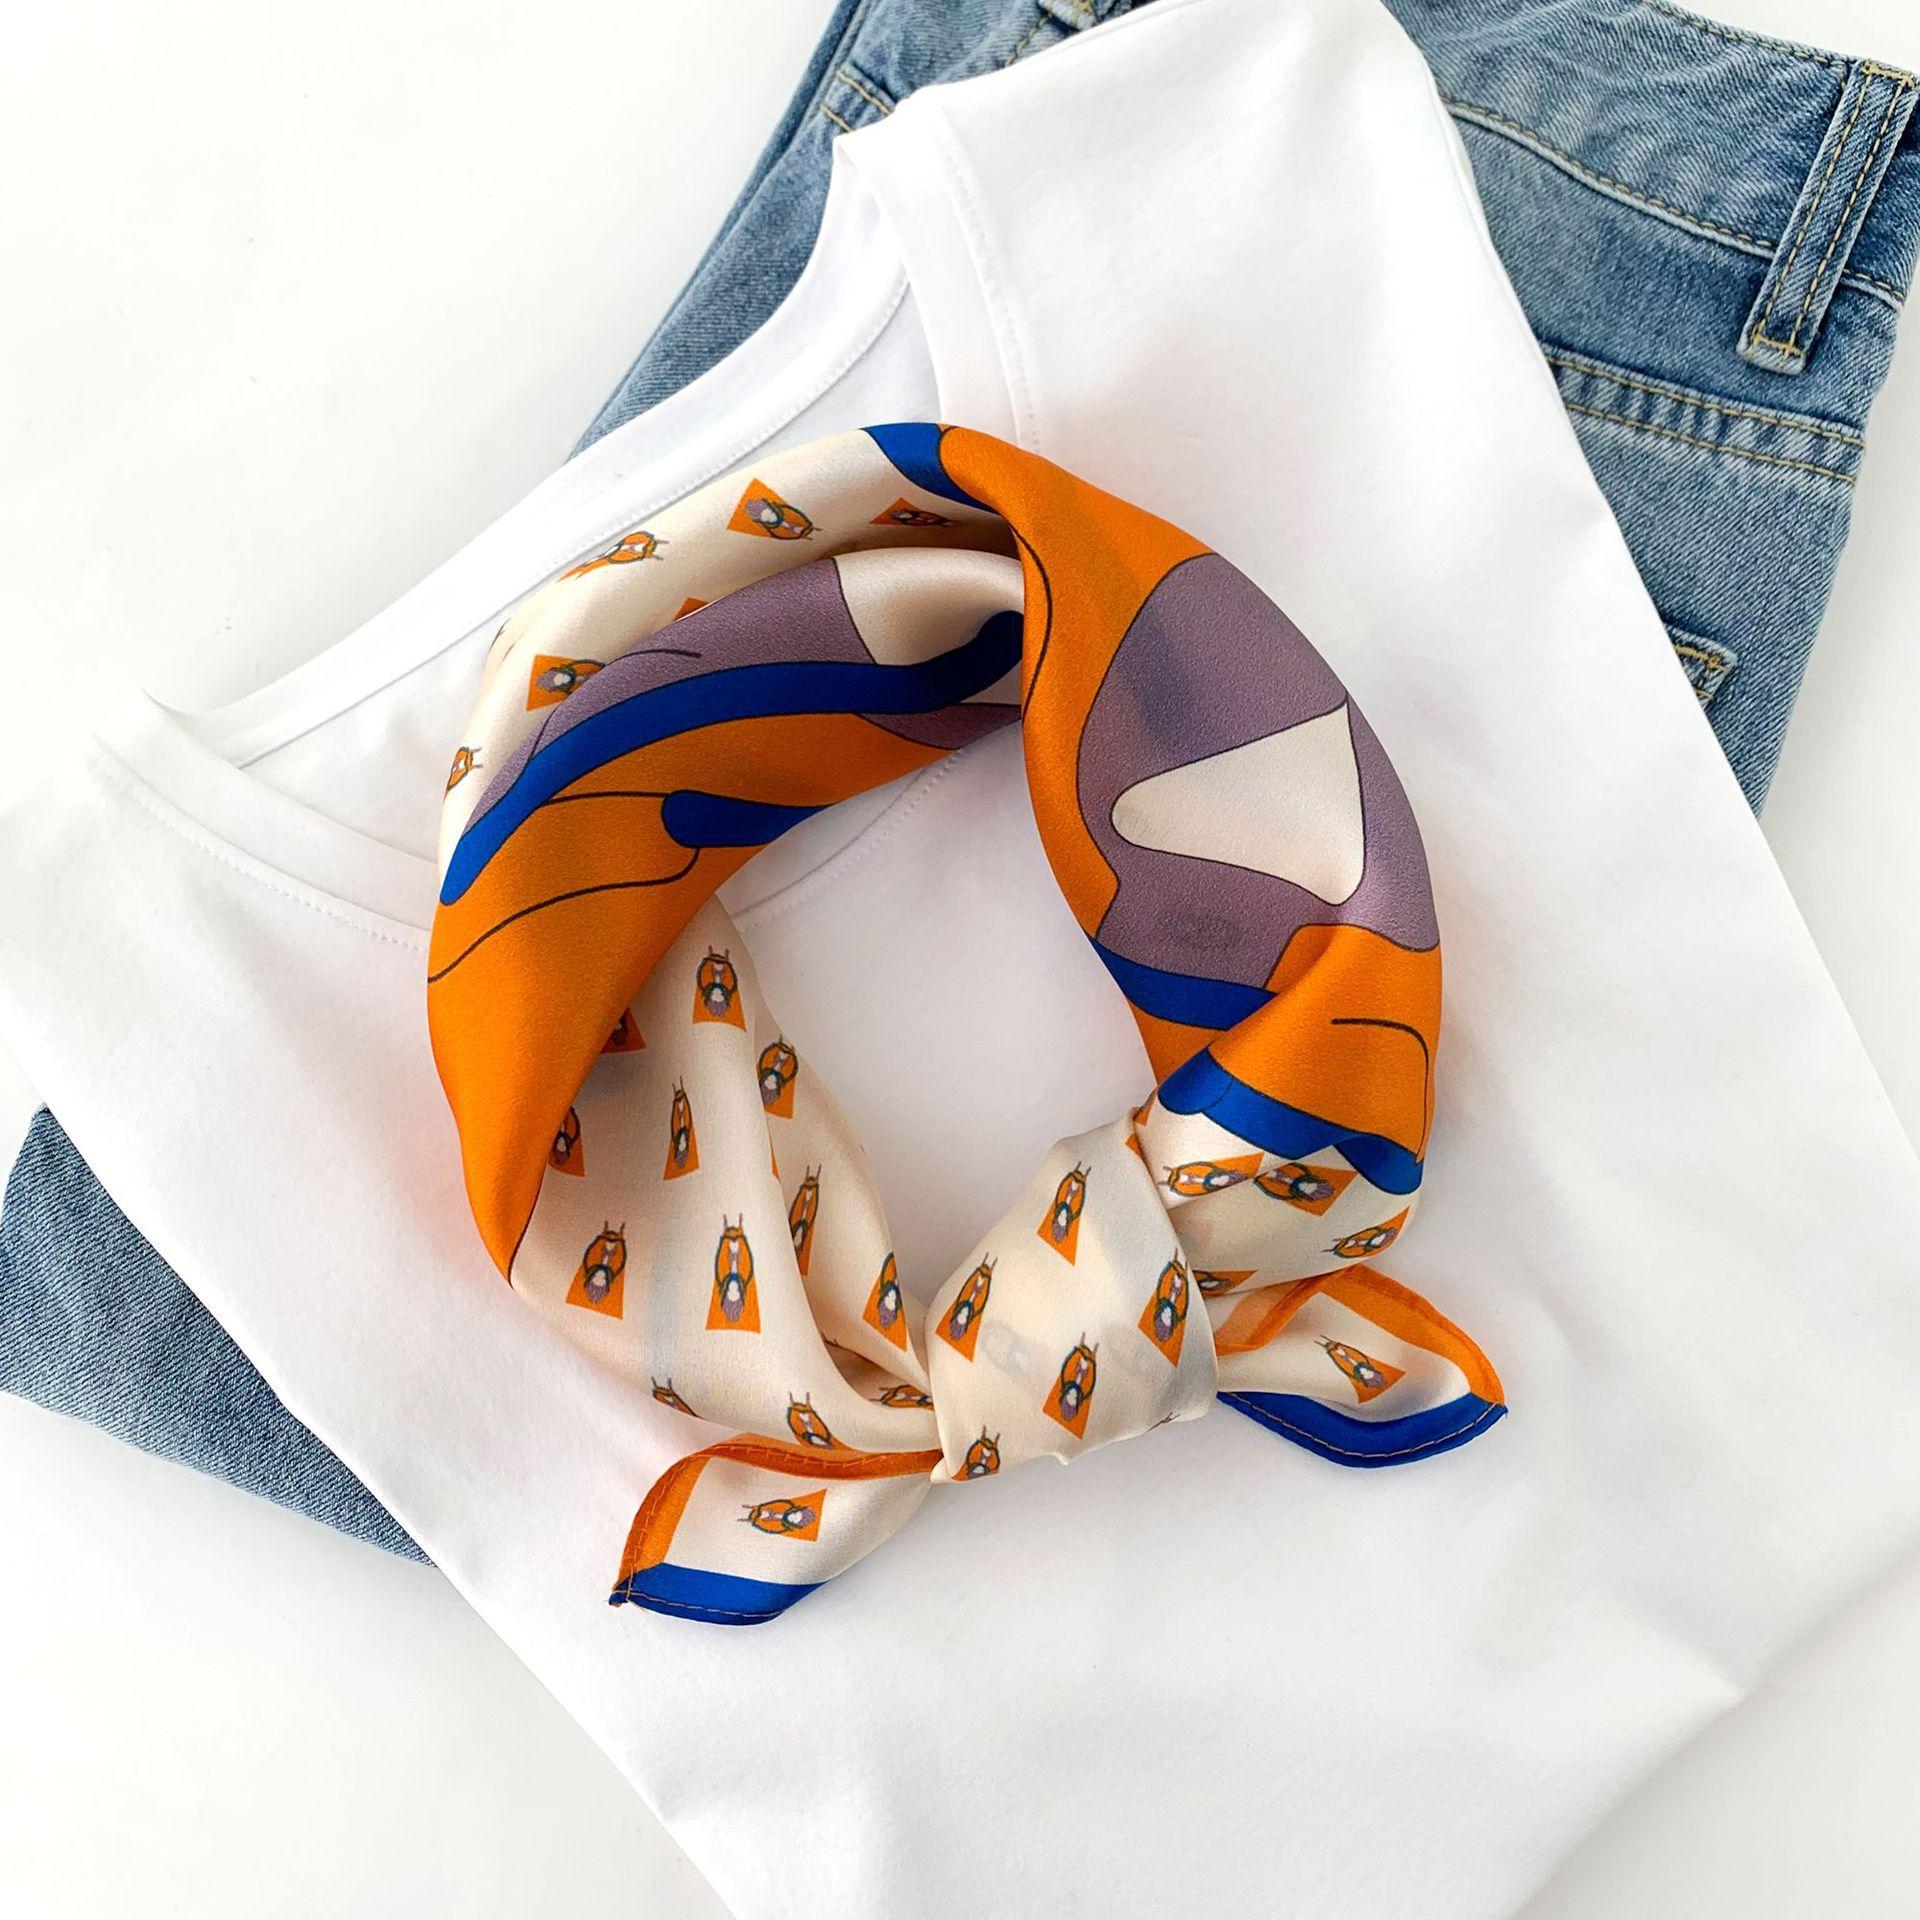 Yeni Küçük İpek Eşarp Kadın Moda Batı Tarzı Vintage% 100 İpek Eşarp dekore At Mizaç Küçük Eşarplar